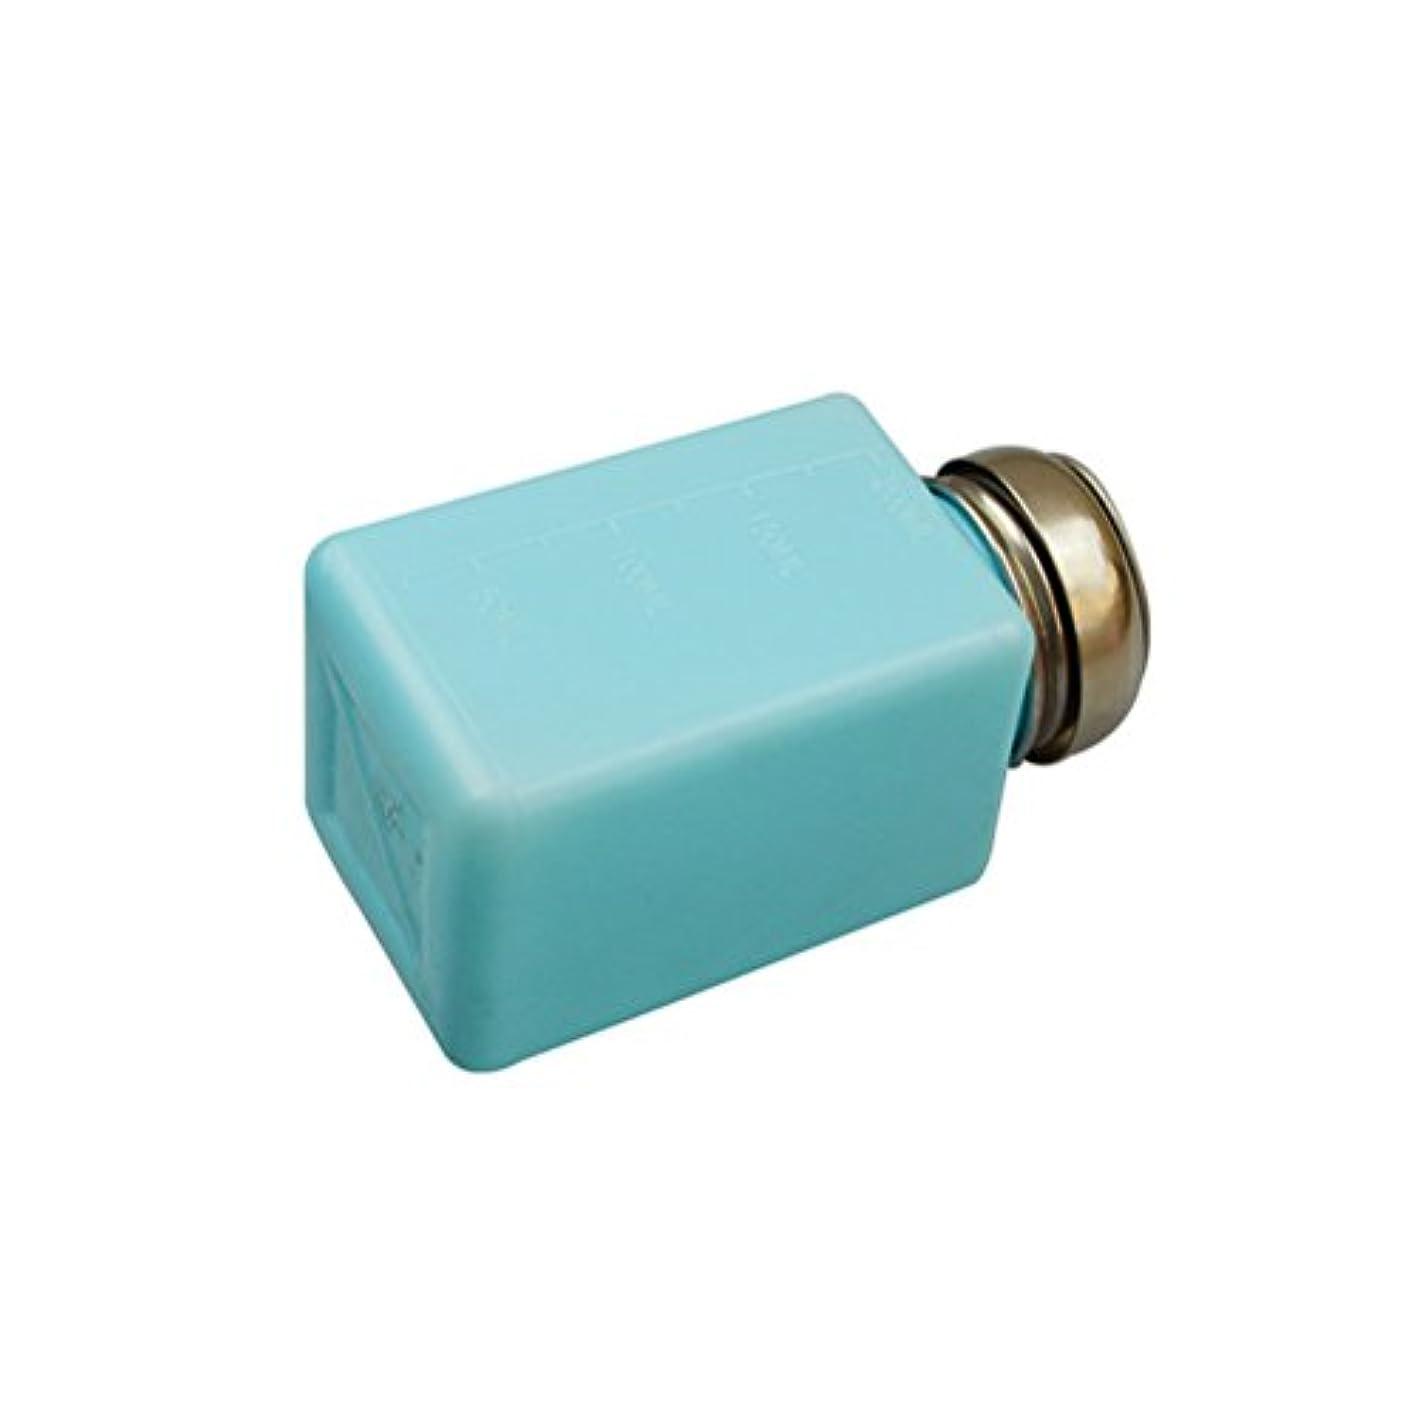 版驚かすBESTOMZ アルコールボトル 便利 クレンジングオイル 小分け容器 静電防止 200ML(青)